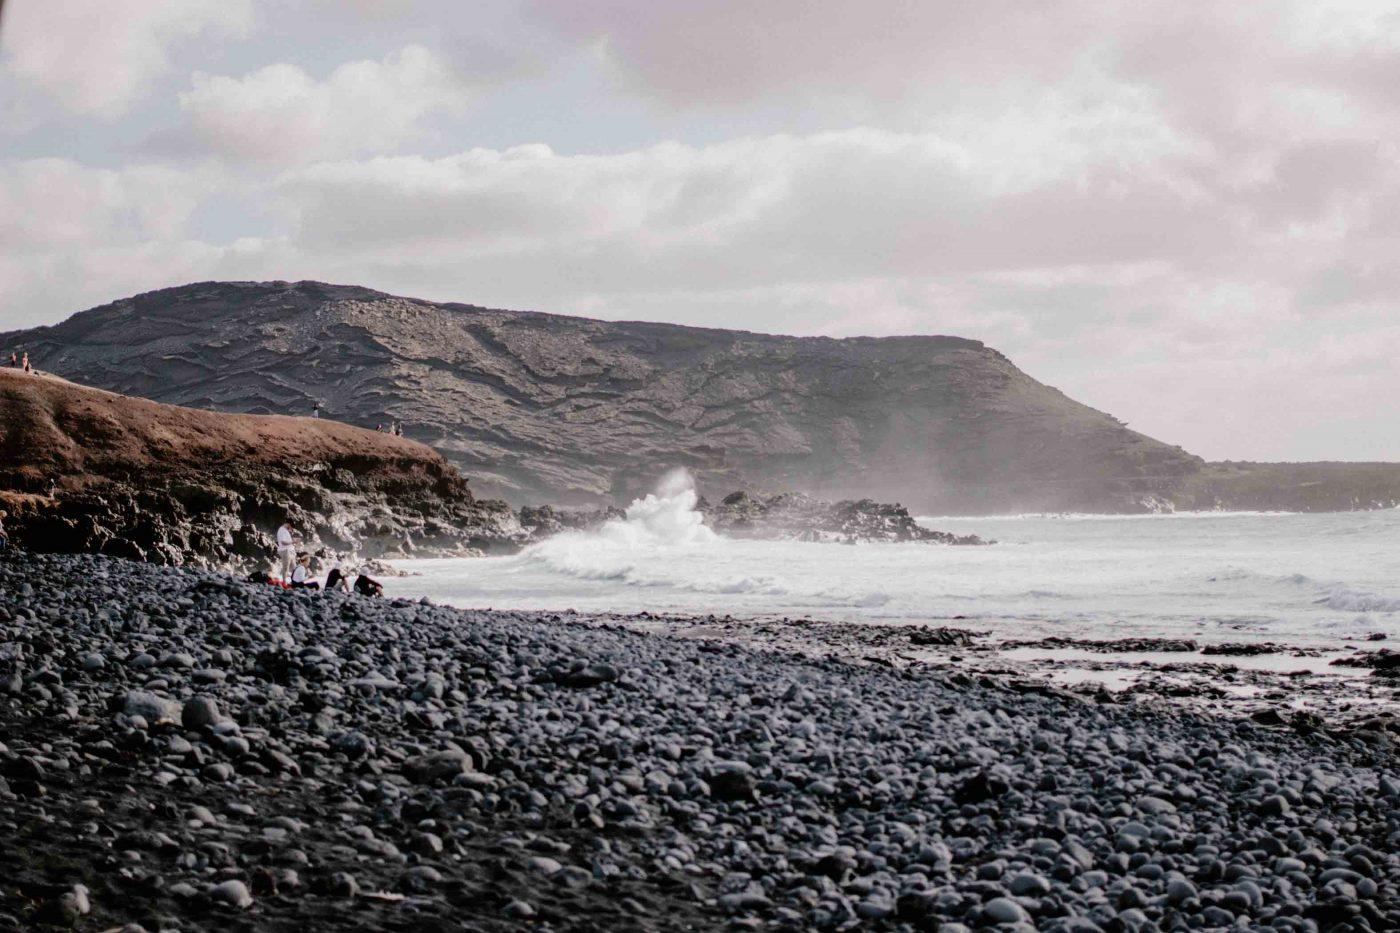 El Golfo LZ-703 | Voyager en van aux Canaries | Découvrir Lanzarote en famille en mode slowlife | La mariée sous les étoiles